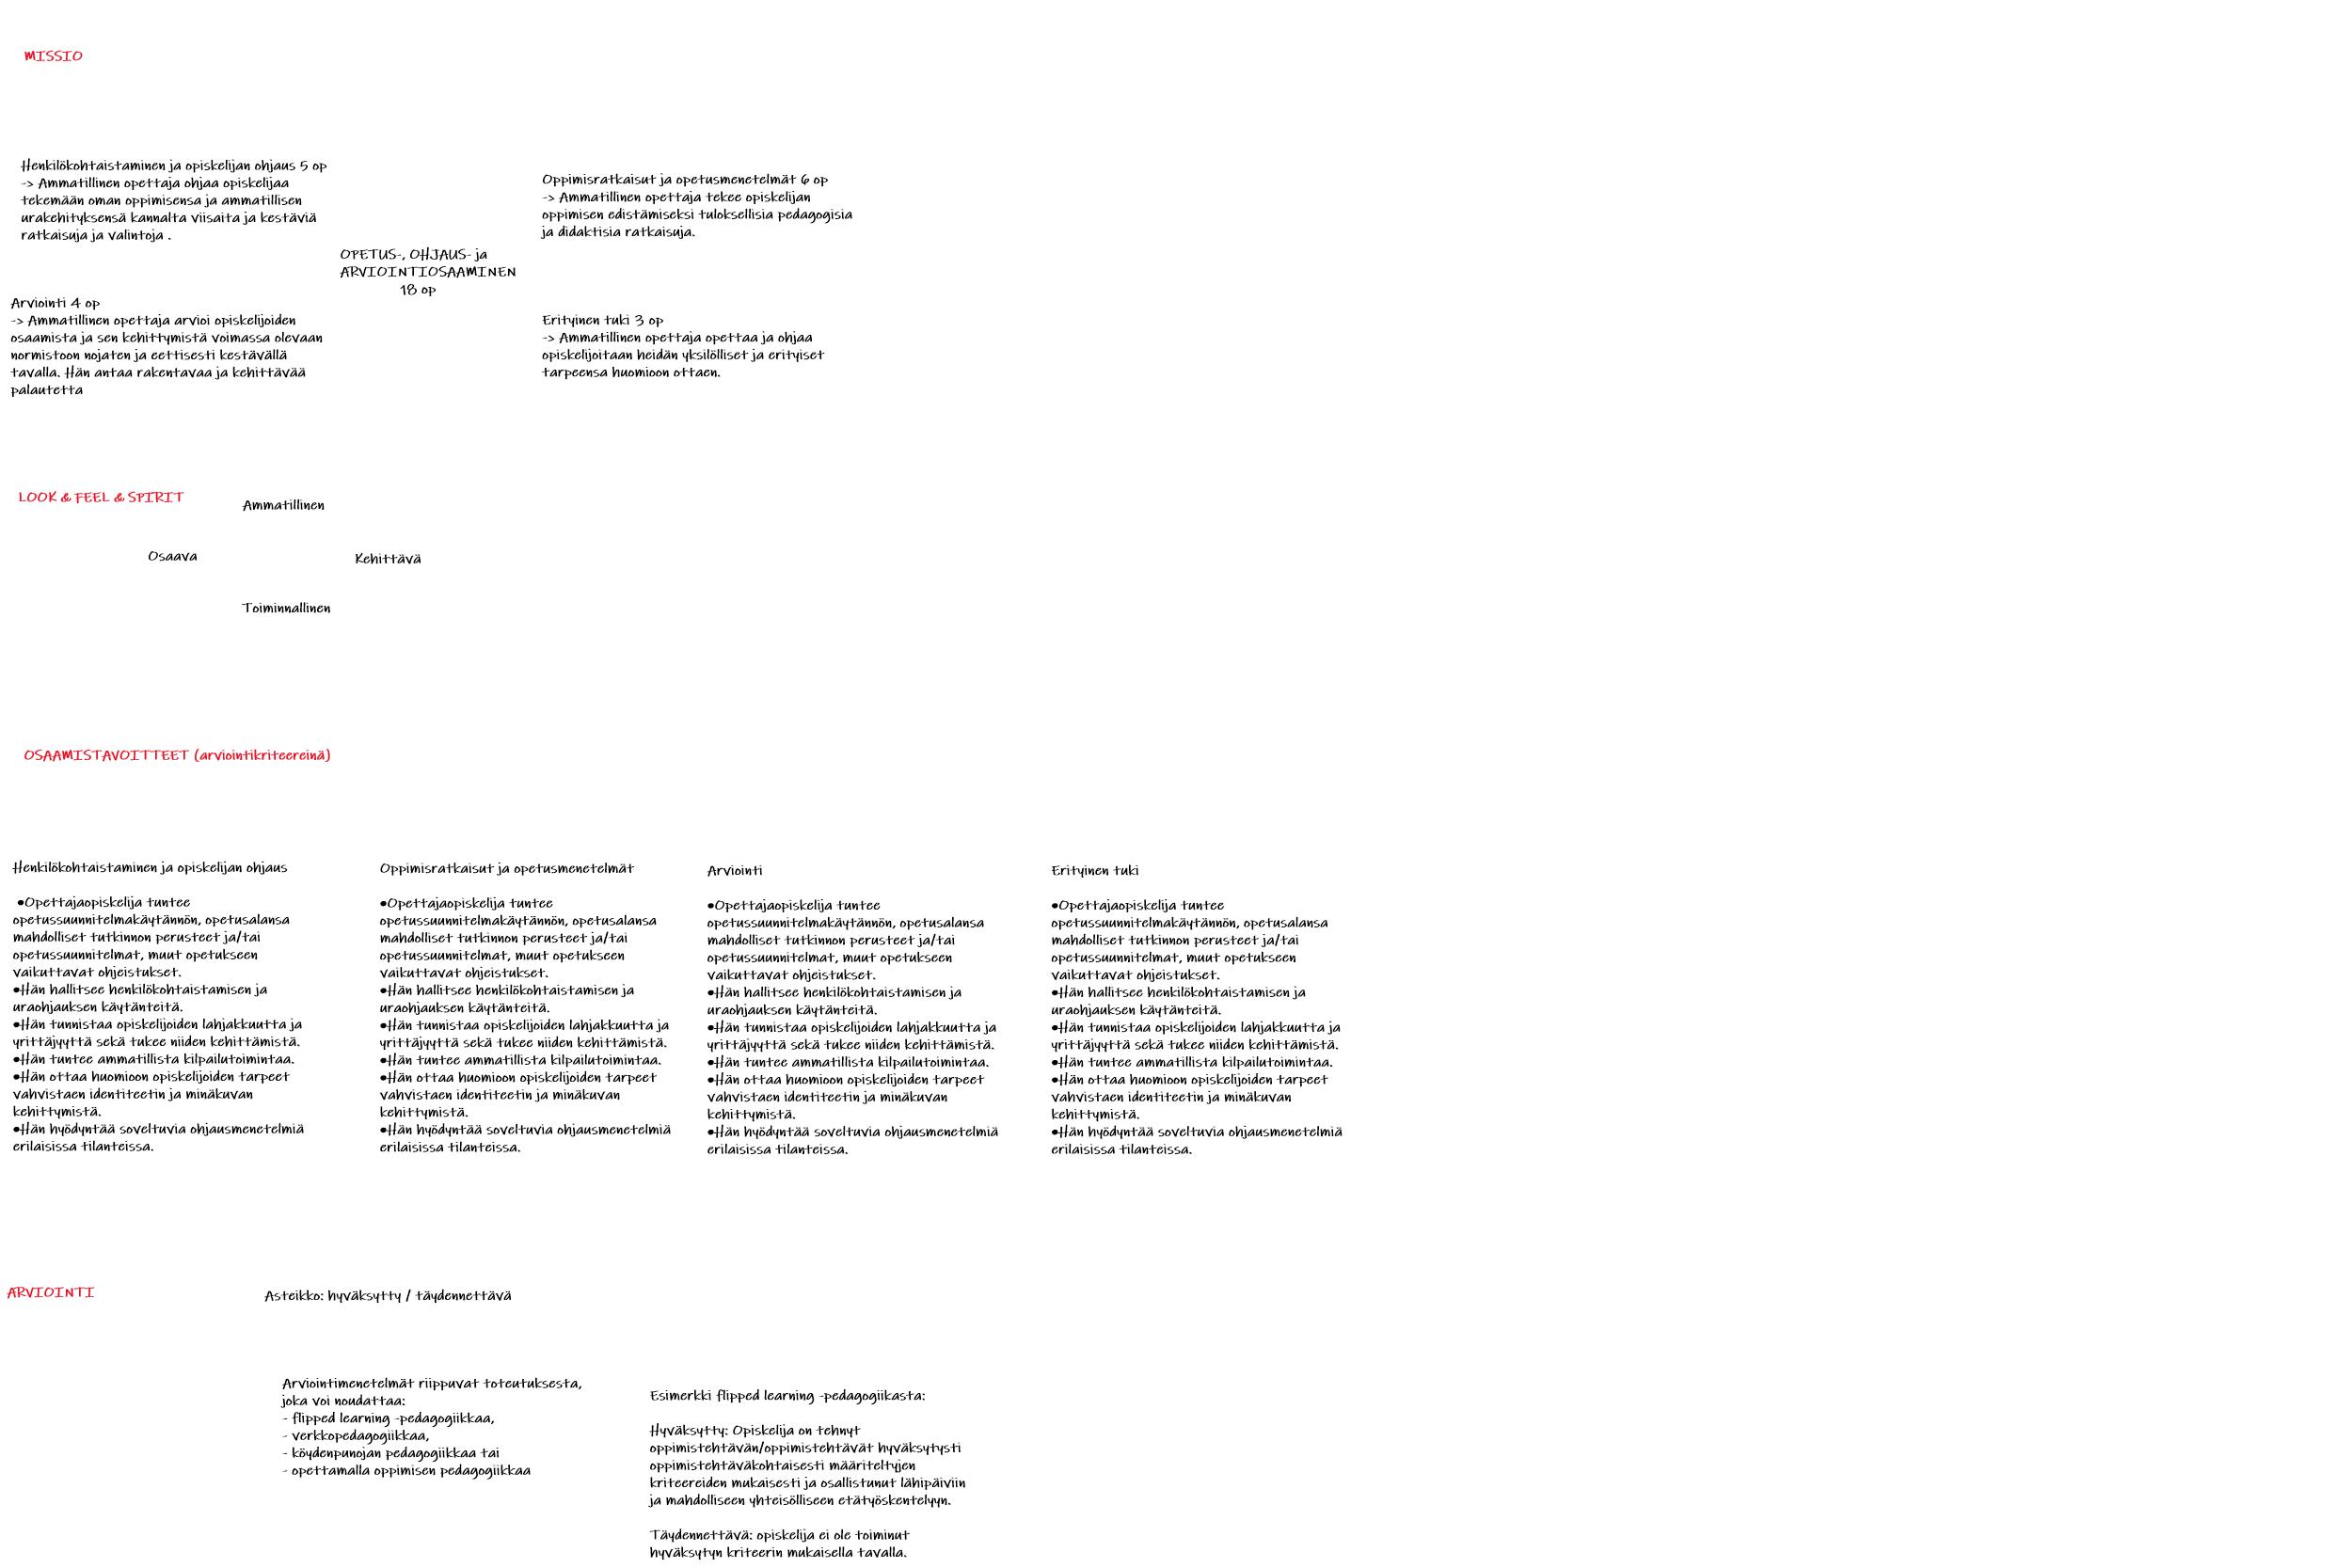 Course Image Opetus-, ohjaus- ja arviointiosaaminen 2020 - HL20B1 Heikki Hannula